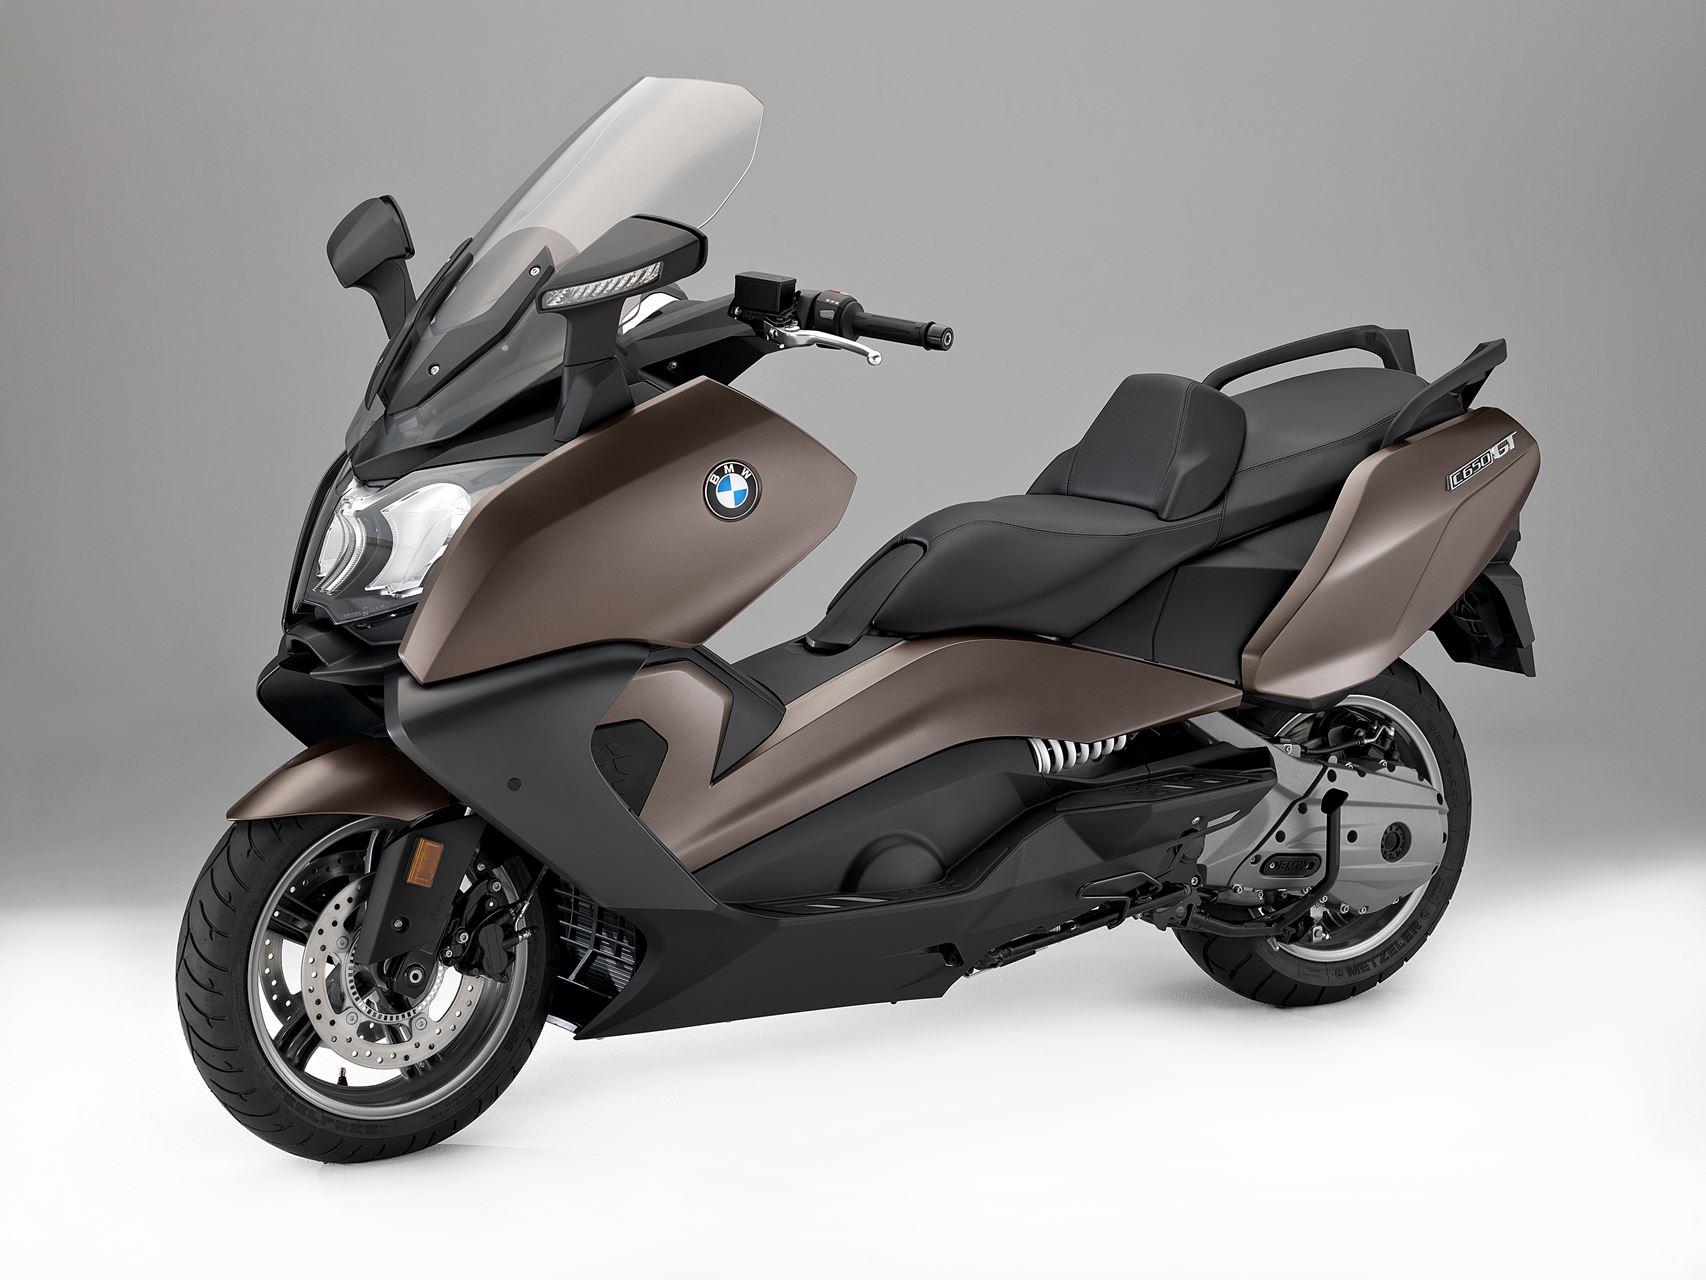 bmw c 650 gt scooter urban mobility andar de moto. Black Bedroom Furniture Sets. Home Design Ideas